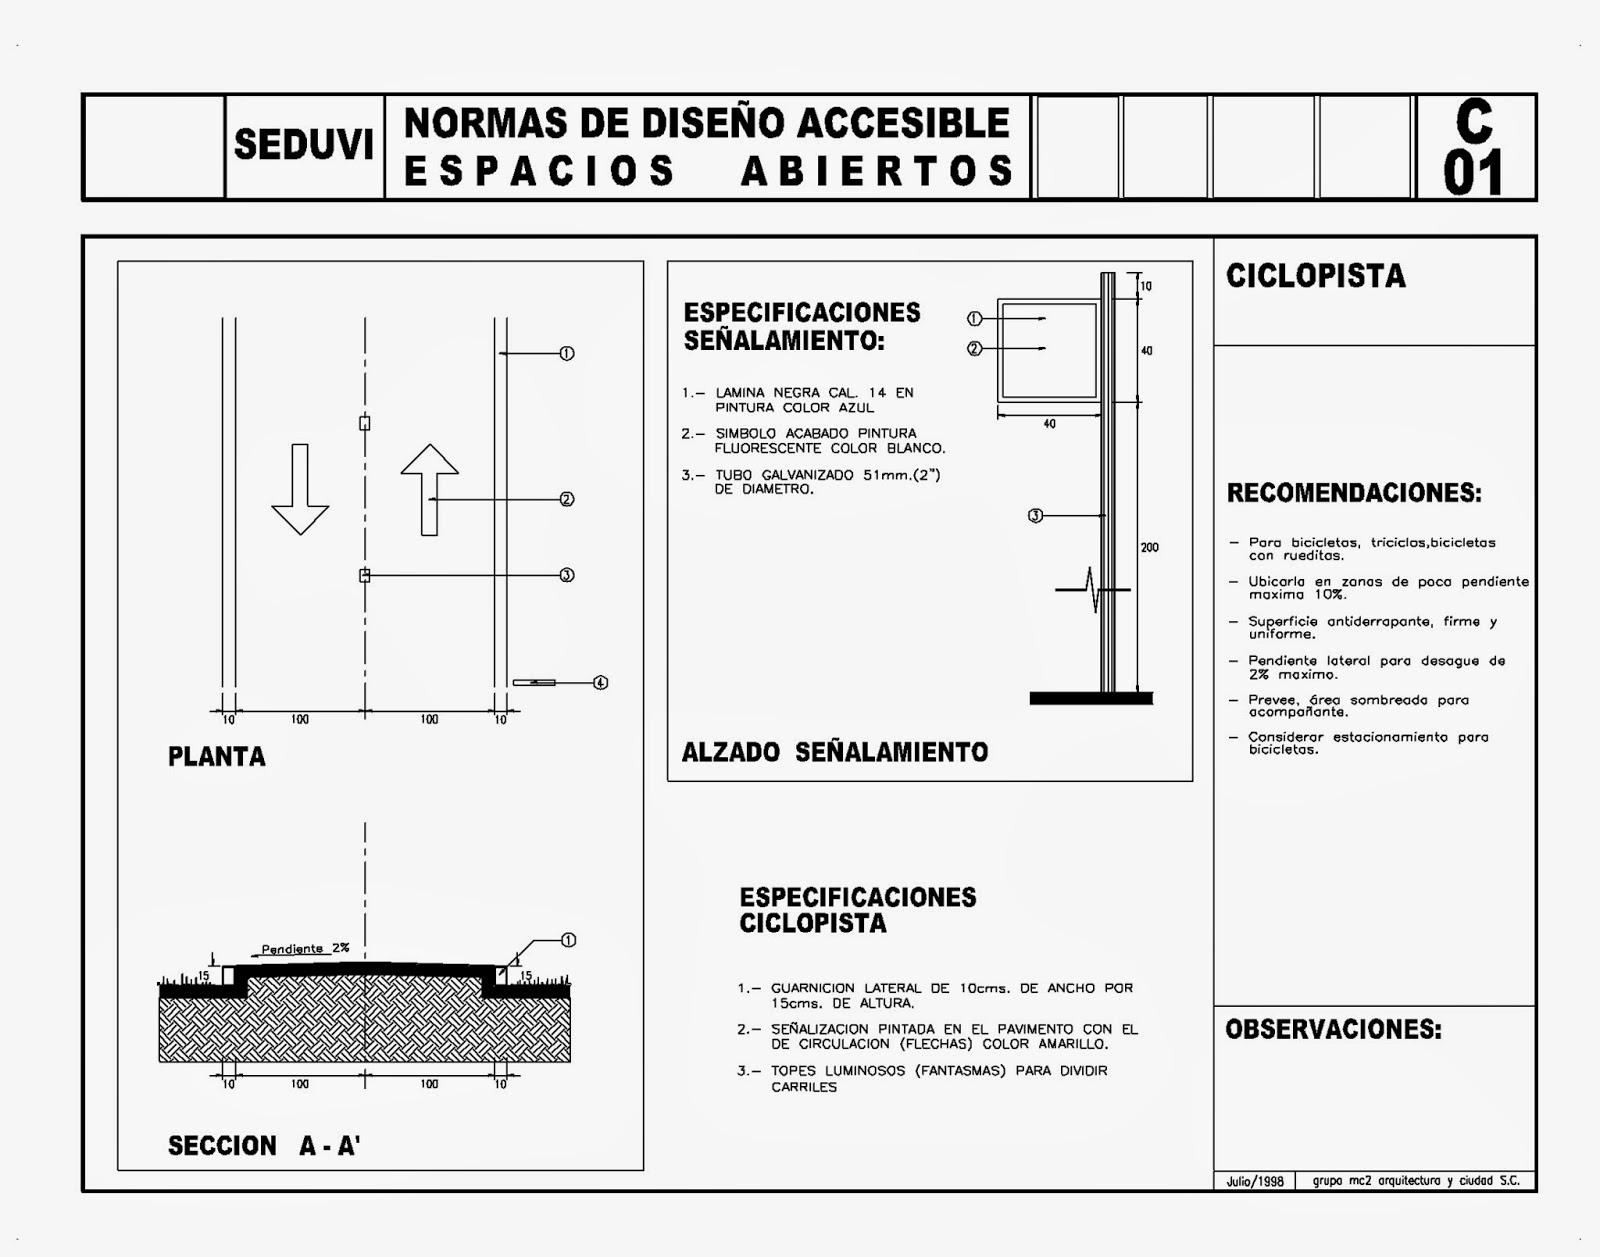 Medidas Baño Discapacitados Publico:Todo para el Arqui: diciembre 2013